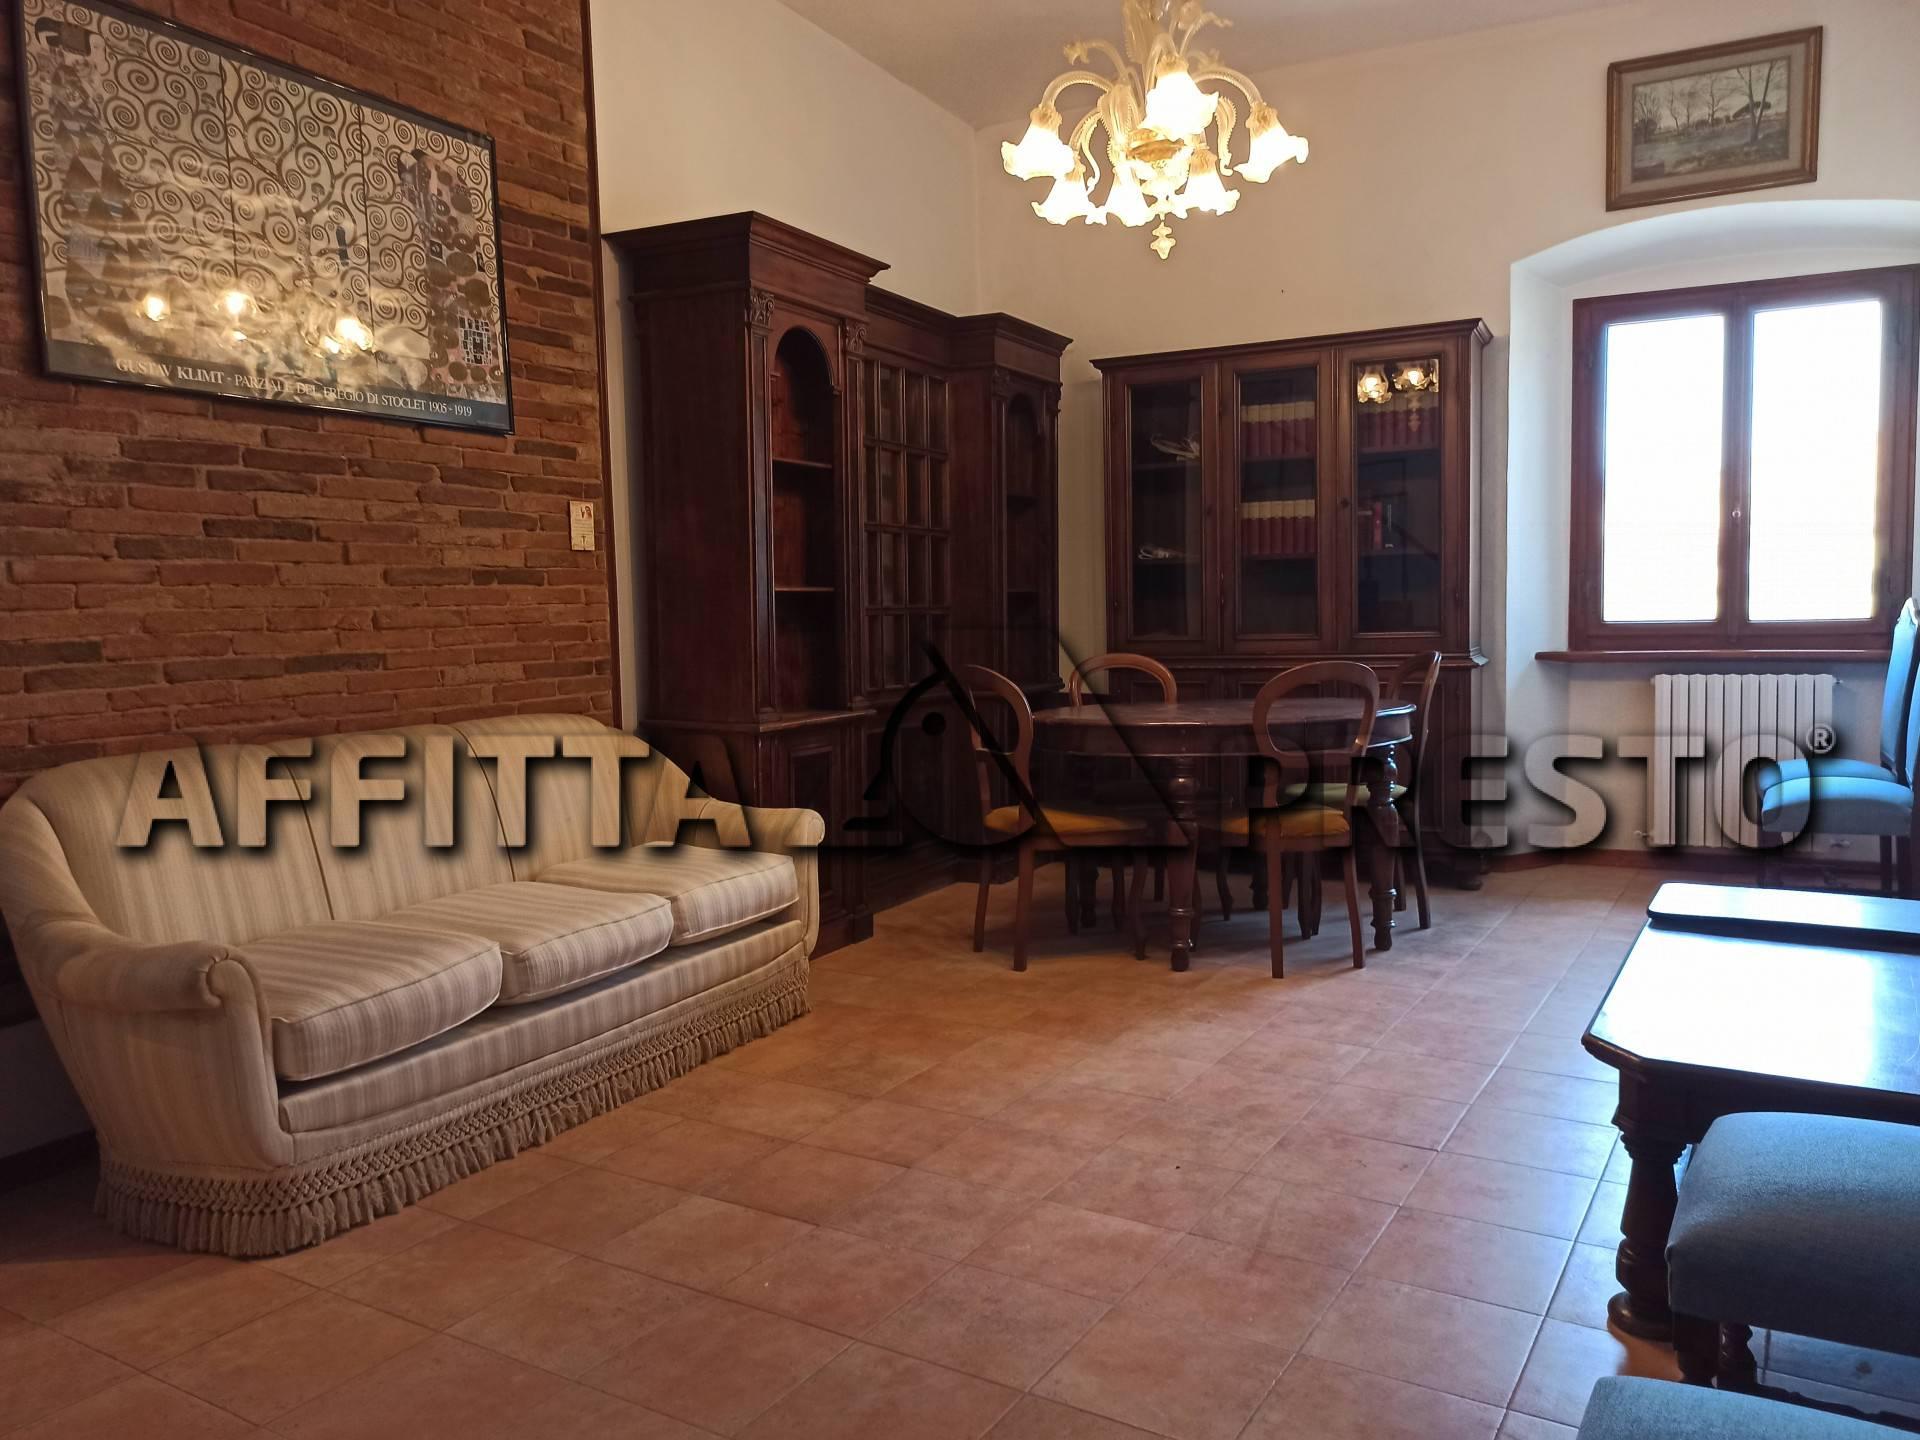 Appartamento in affitto a Pisa, 5 locali, zona Località: S.aMaria, prezzo € 1.300 | CambioCasa.it